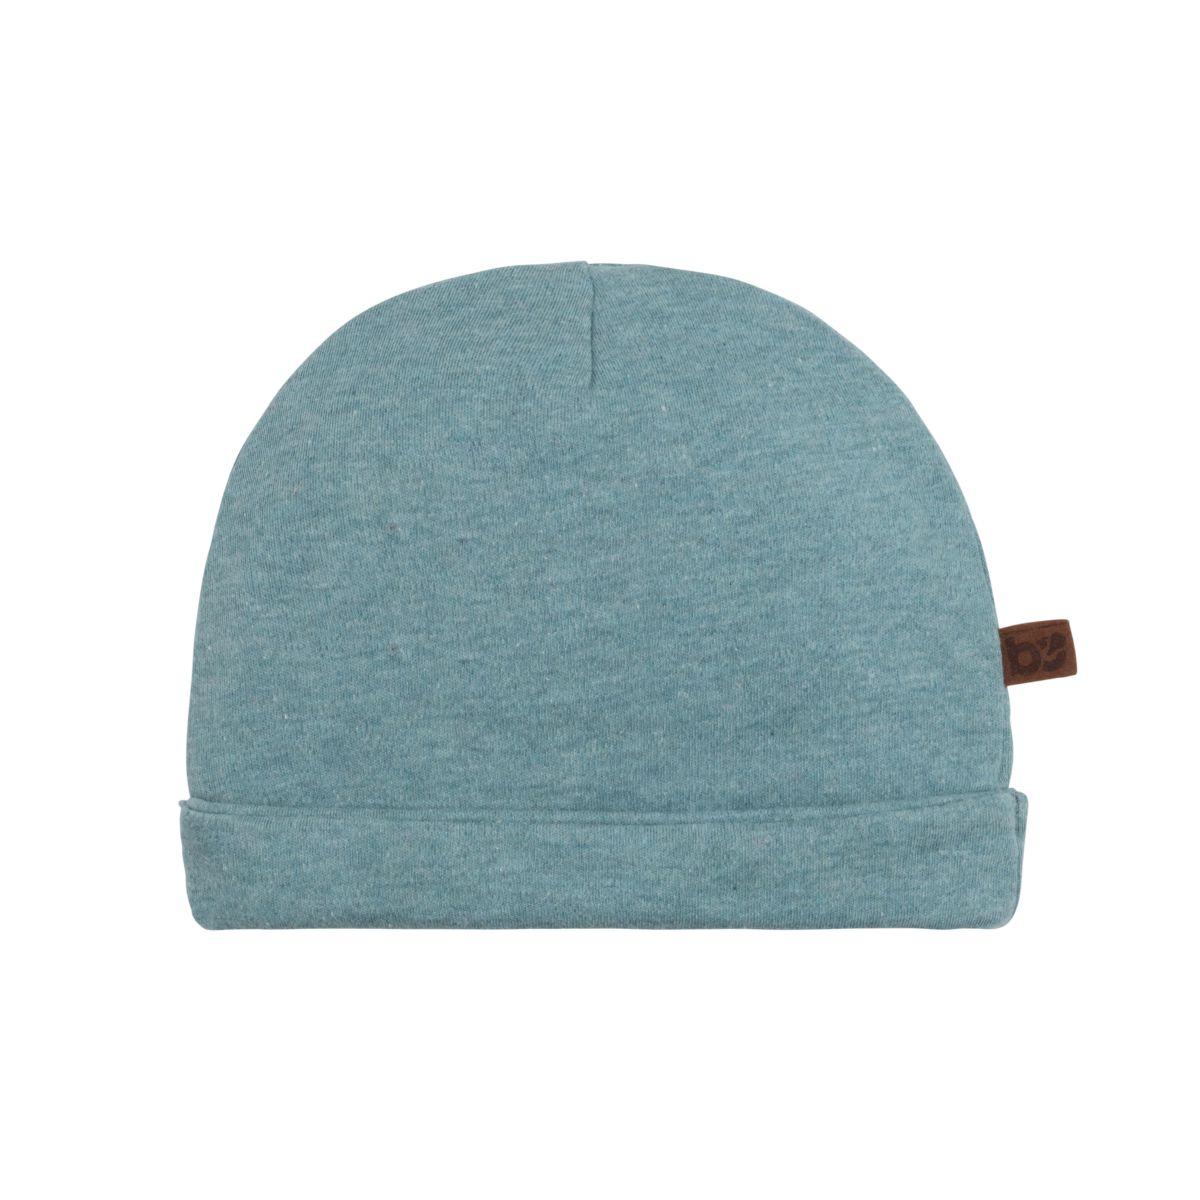 bonnet melange stonegreen 36 mois